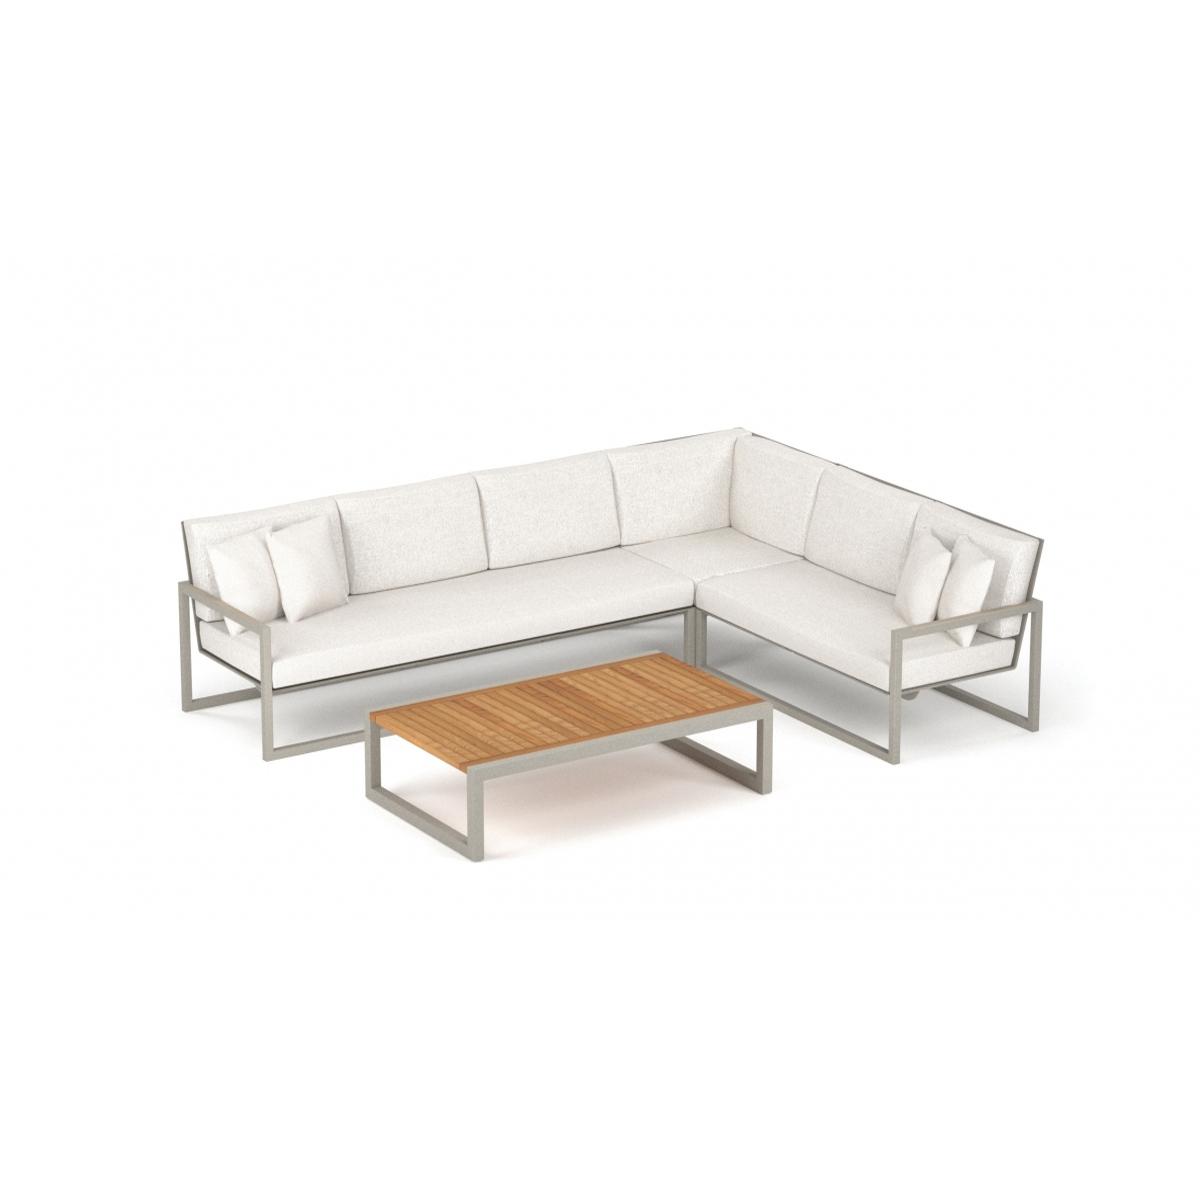 Densité Mousse assise Canapé Impressionnant Photos Résultat Supérieur 60 Nouveau Canapé Lounge Pic 2018 Ojr7 2017